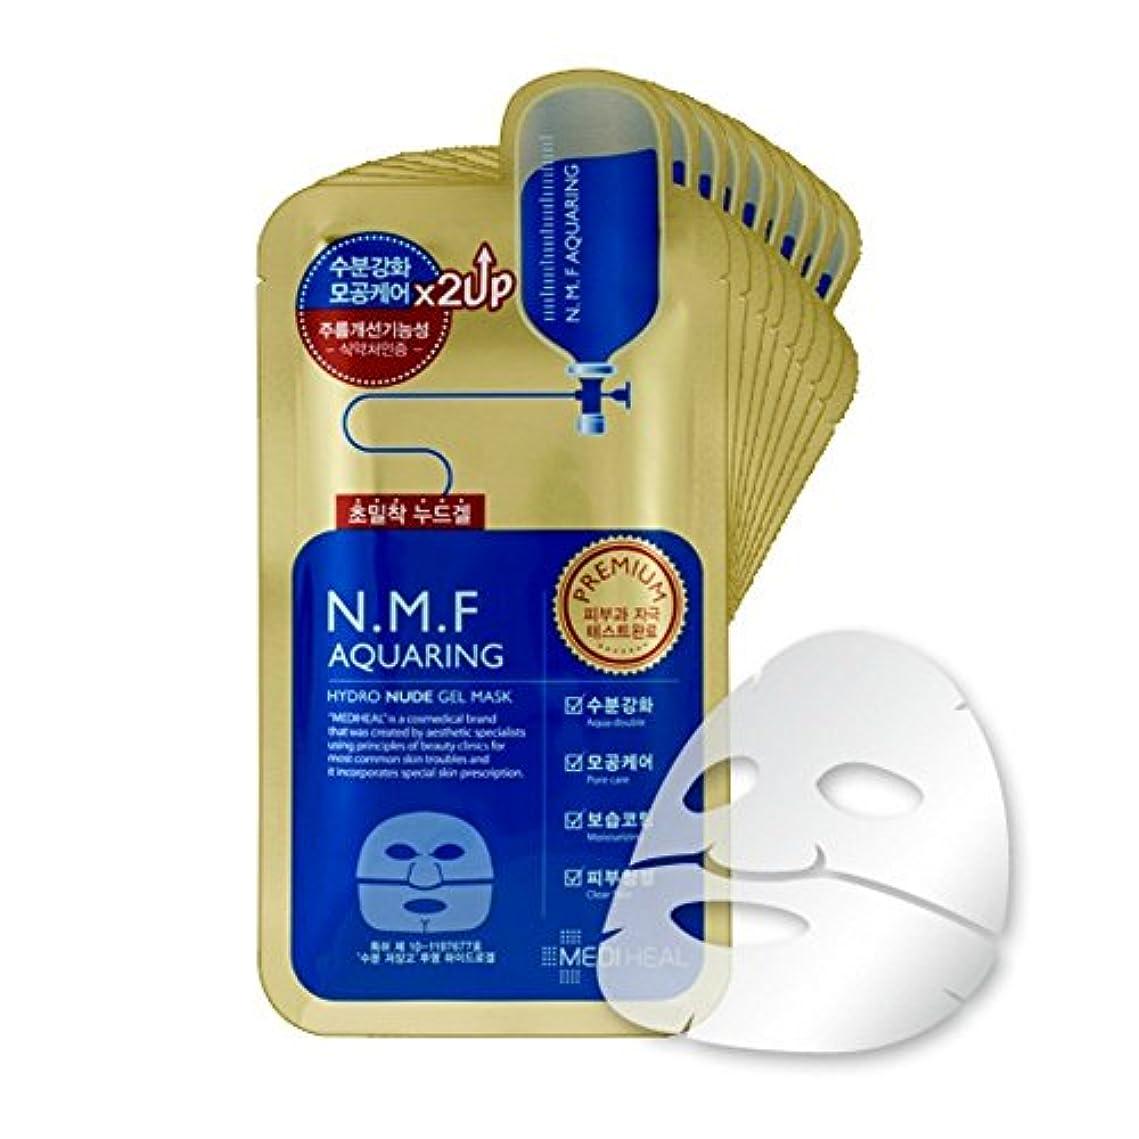 マニフェストトリッキー剥ぎ取るMEDIHEAL メディヒール NMF アクアリング ヌード ゲルマスク (10枚) [Mediheal premium NMF AQUARING Hydro Nude Gel 10 sheets] [並行輸入品]